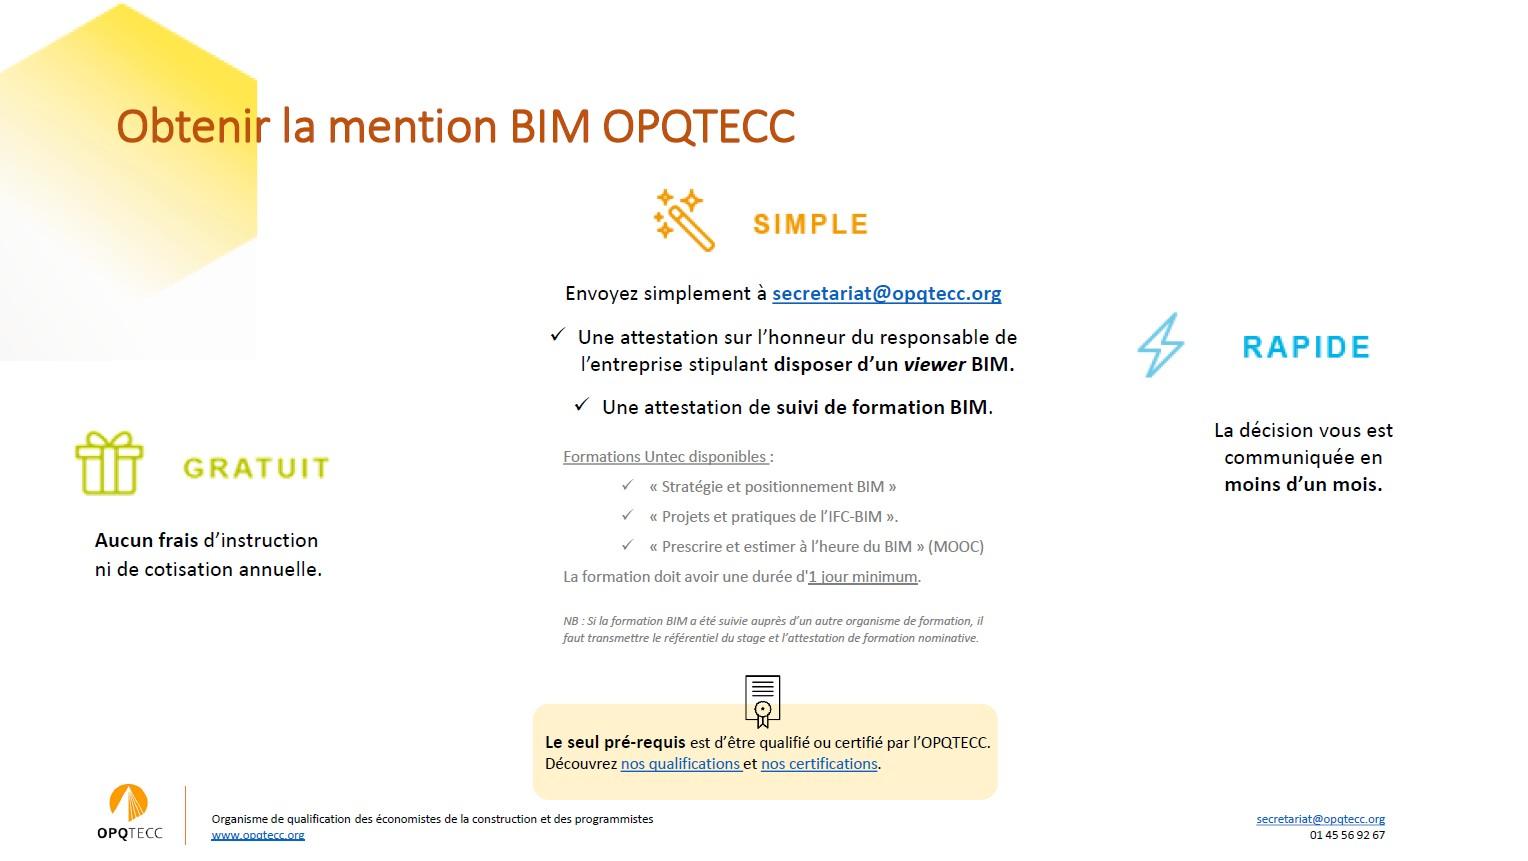 Quelles sont les conditions pour obtenir la mention BIM de l'OPQTECC ?